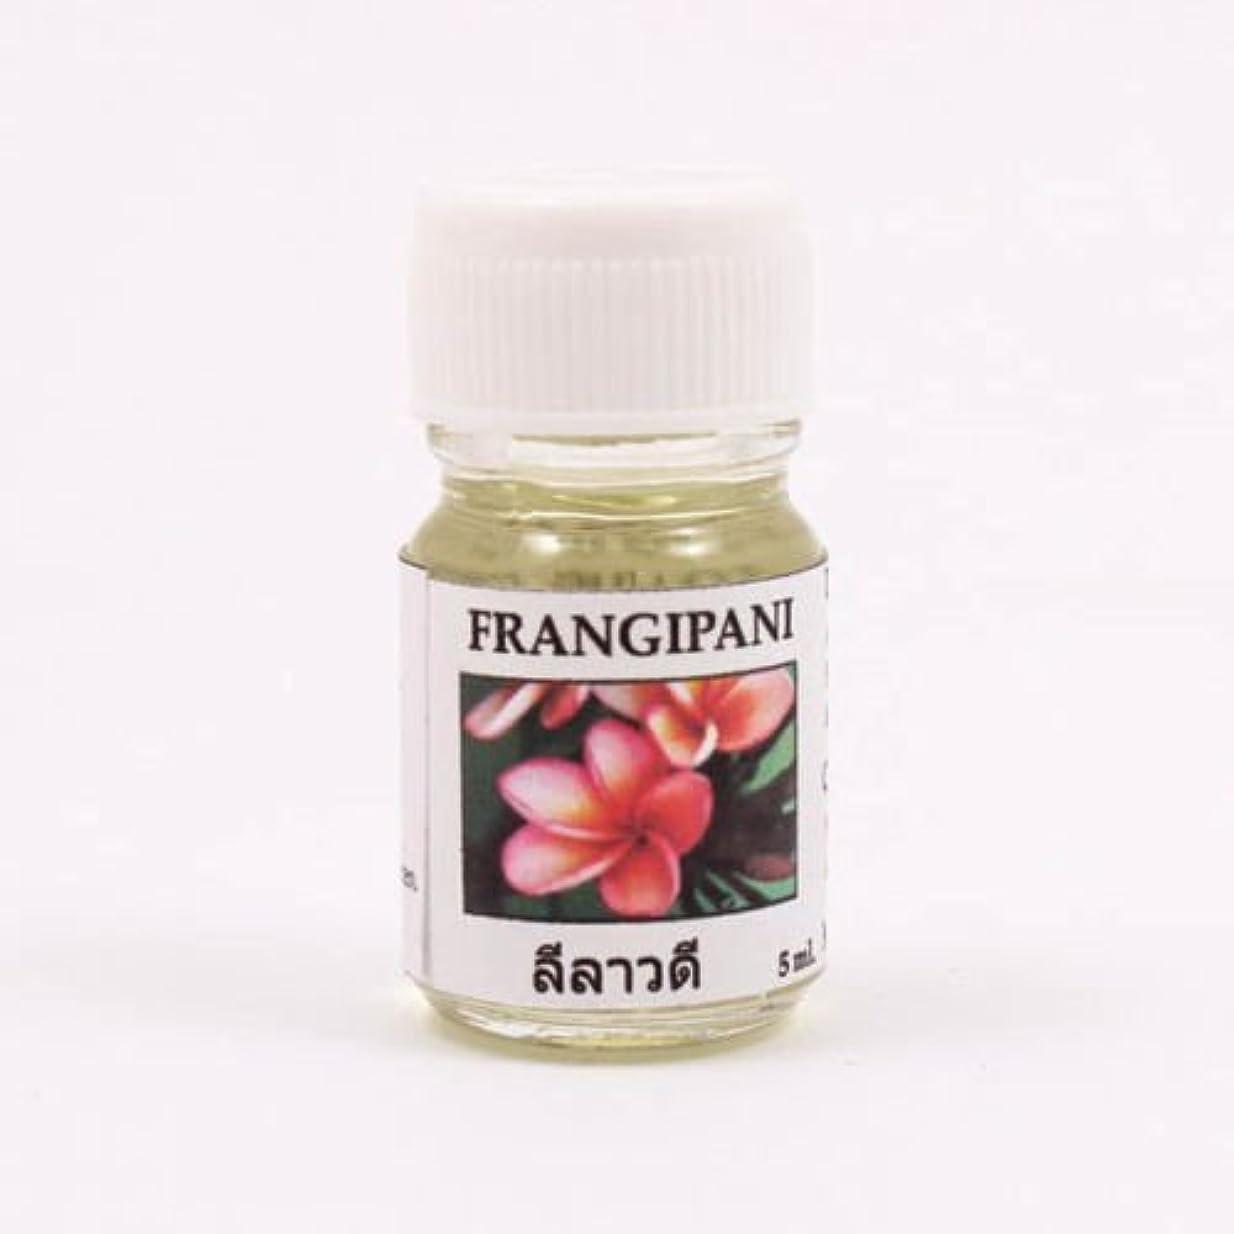 付添人ショートカットカスケード6X Frangipani Aroma Fragrance Essential Oil 5ML. Diffuser Burner Therapy